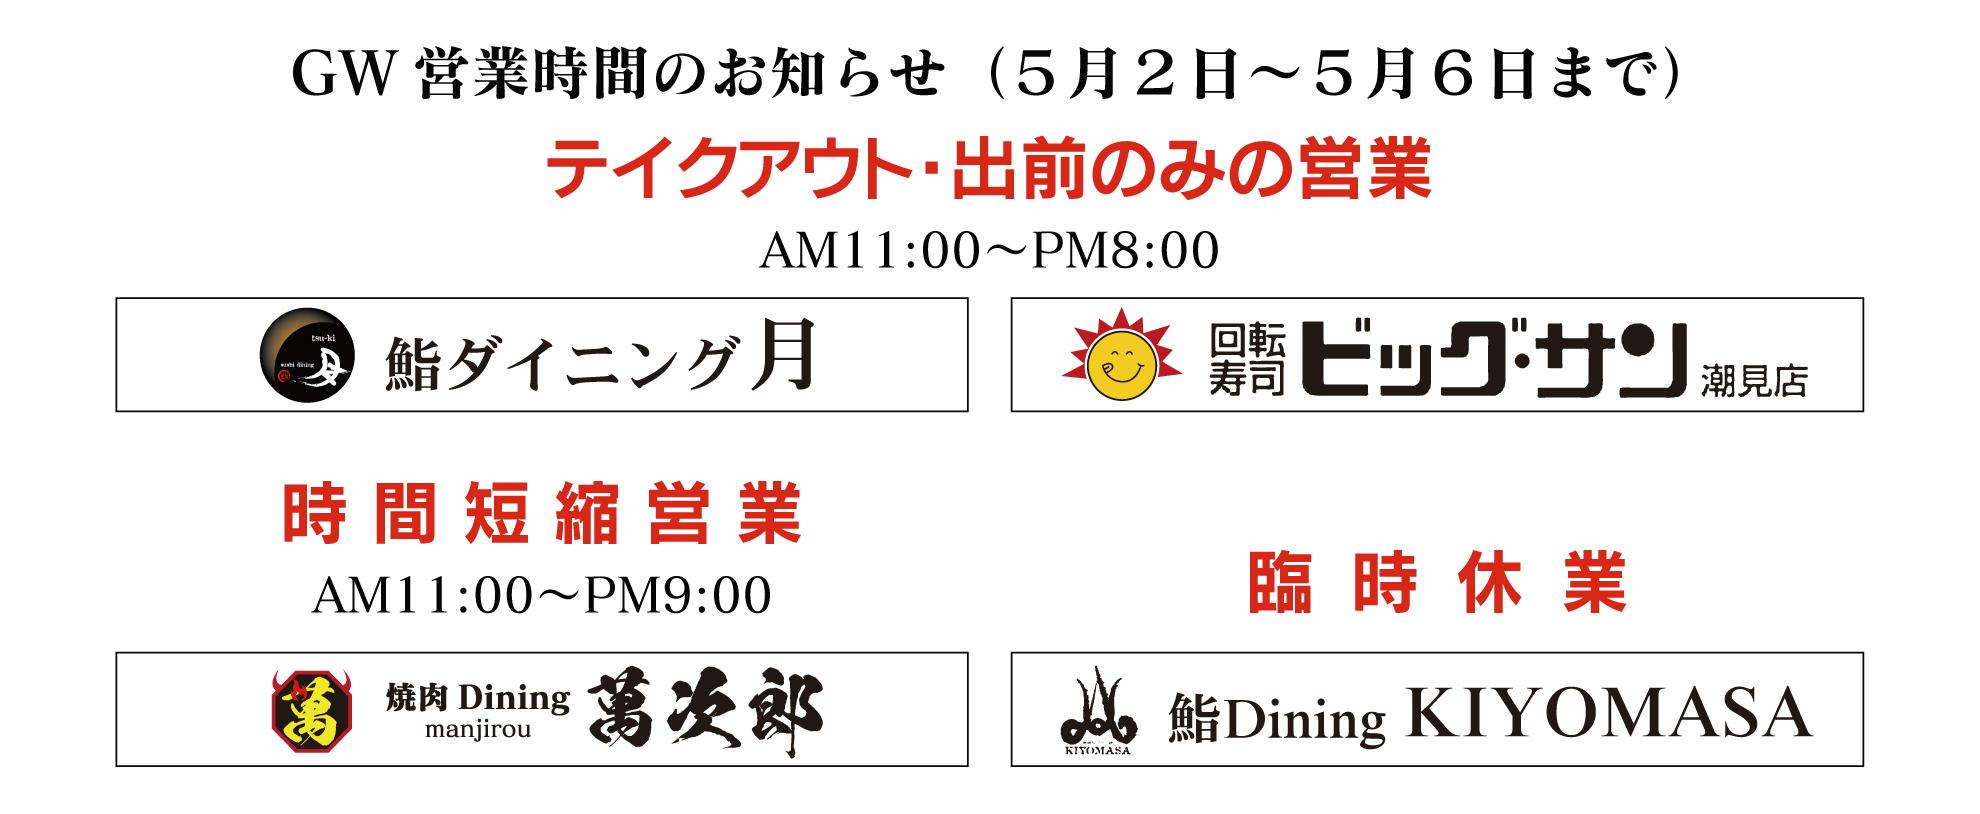 GW営業時間のお知らせ(5/2〜5/6)